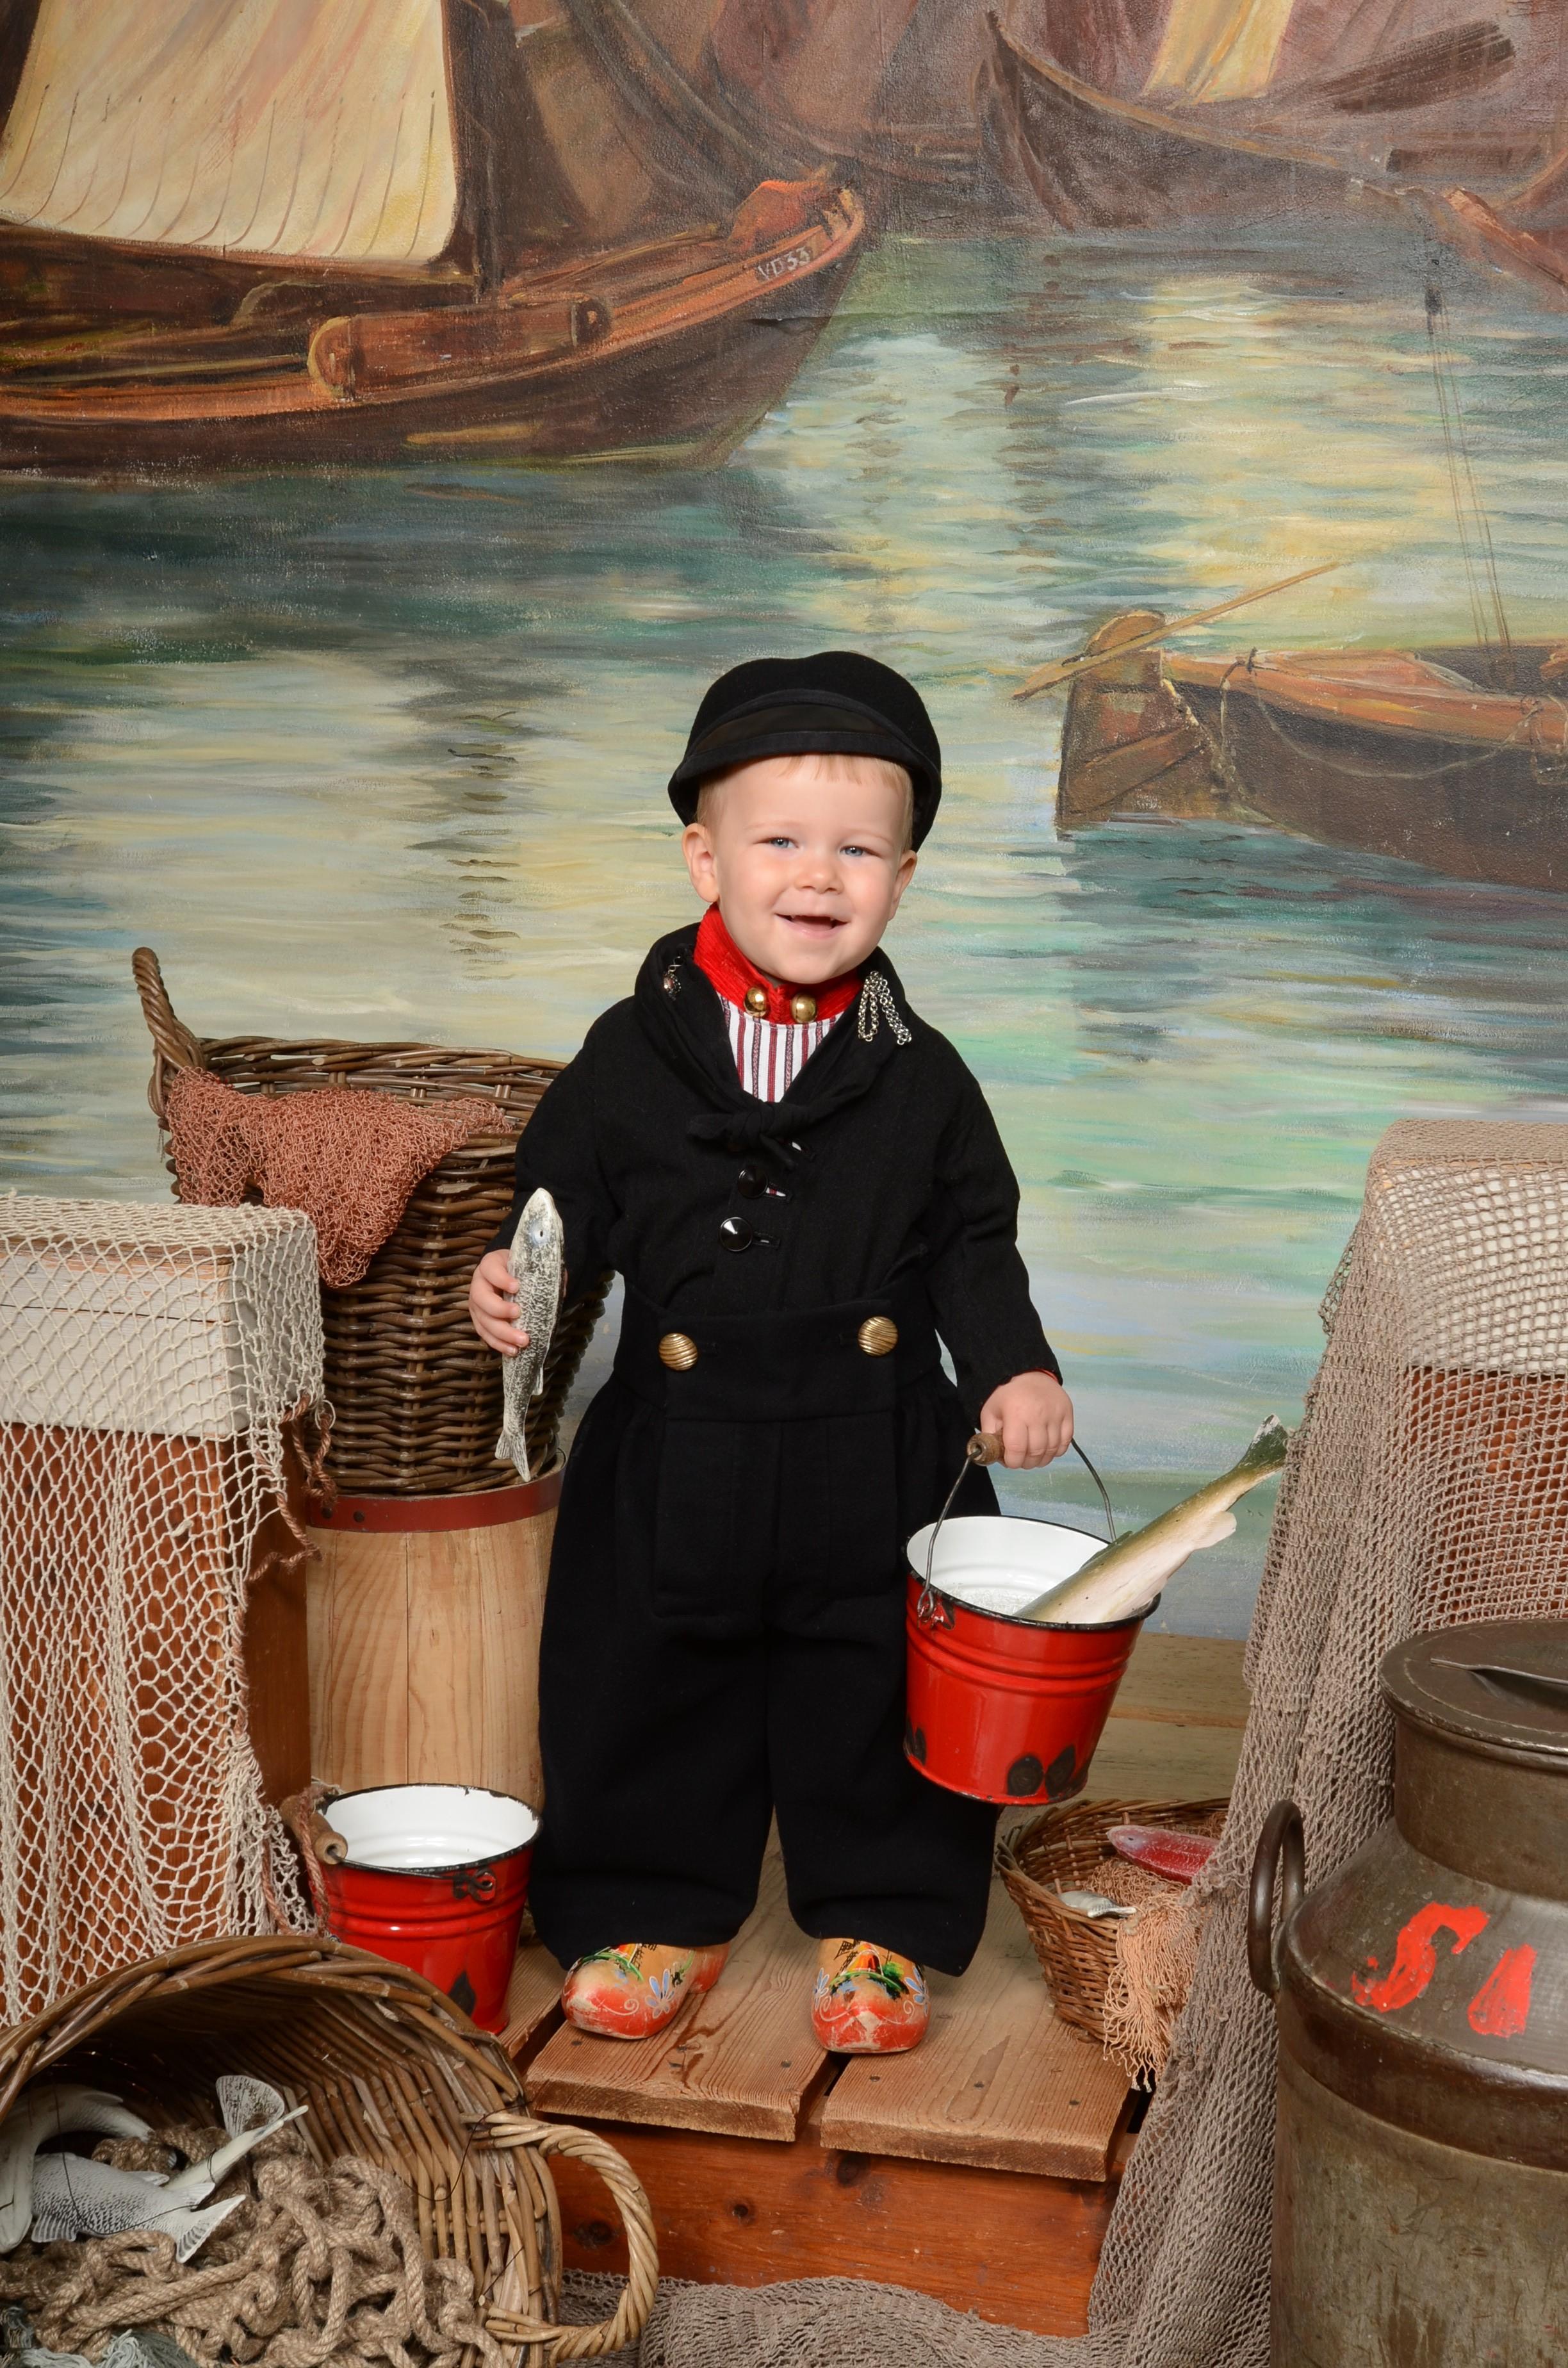 Boy in Volendam costume